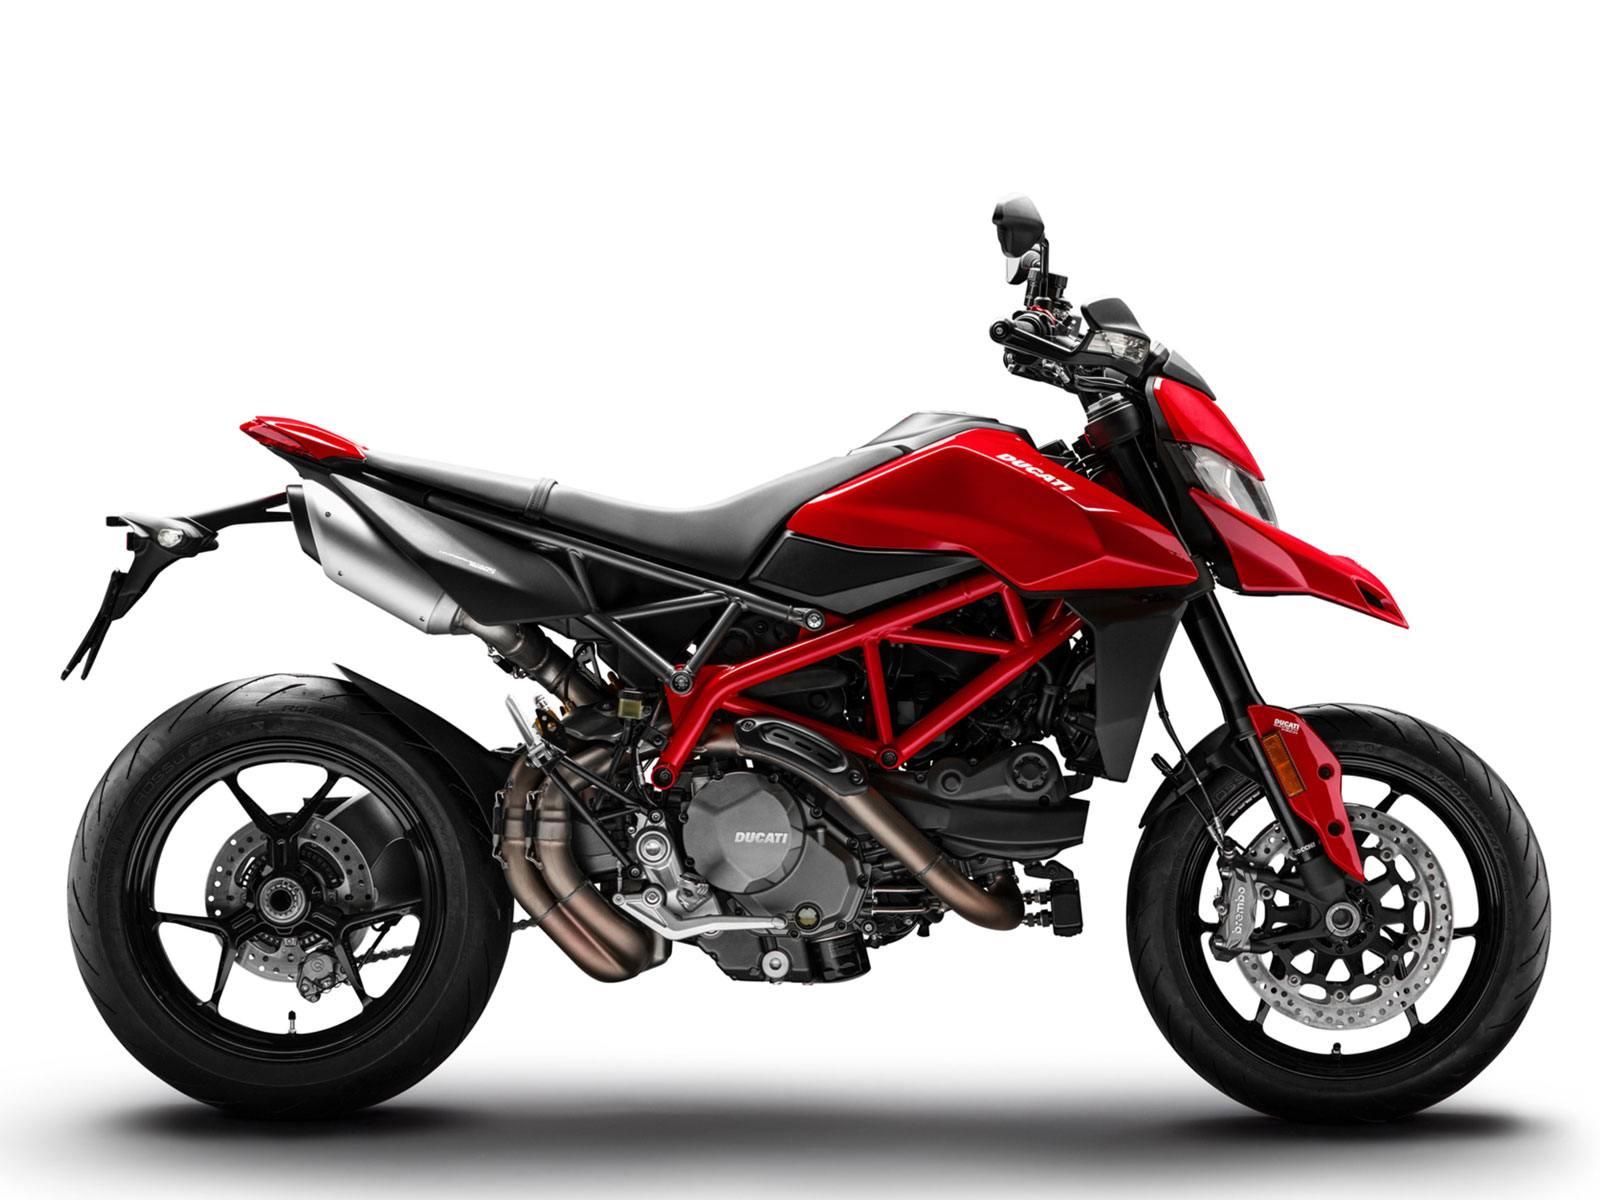 мотоциклы продажа в кредит давай займёмся любовью фильм 2020 смотреть